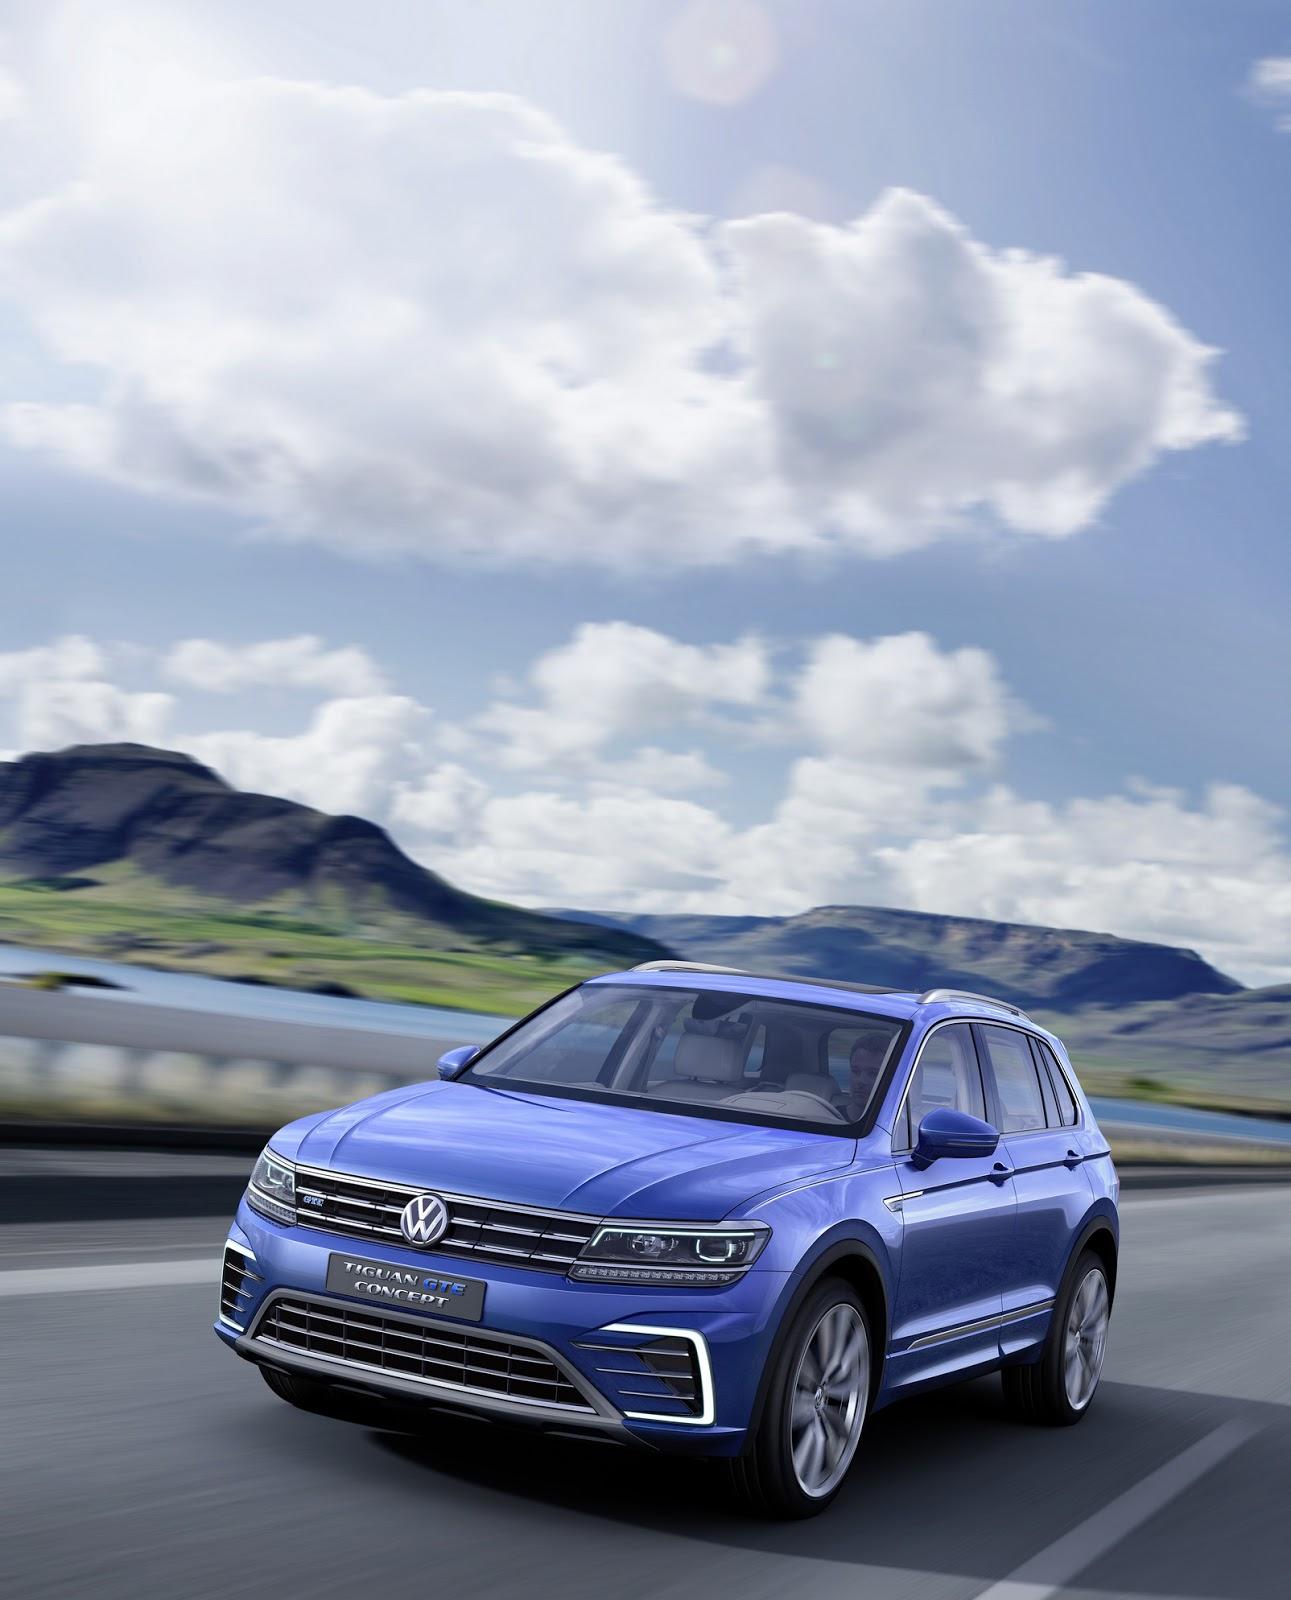 Volkswagen 2015 Tiguan: Volkswagen Tiguan GTE Concept Revealed With 218 PS And 50